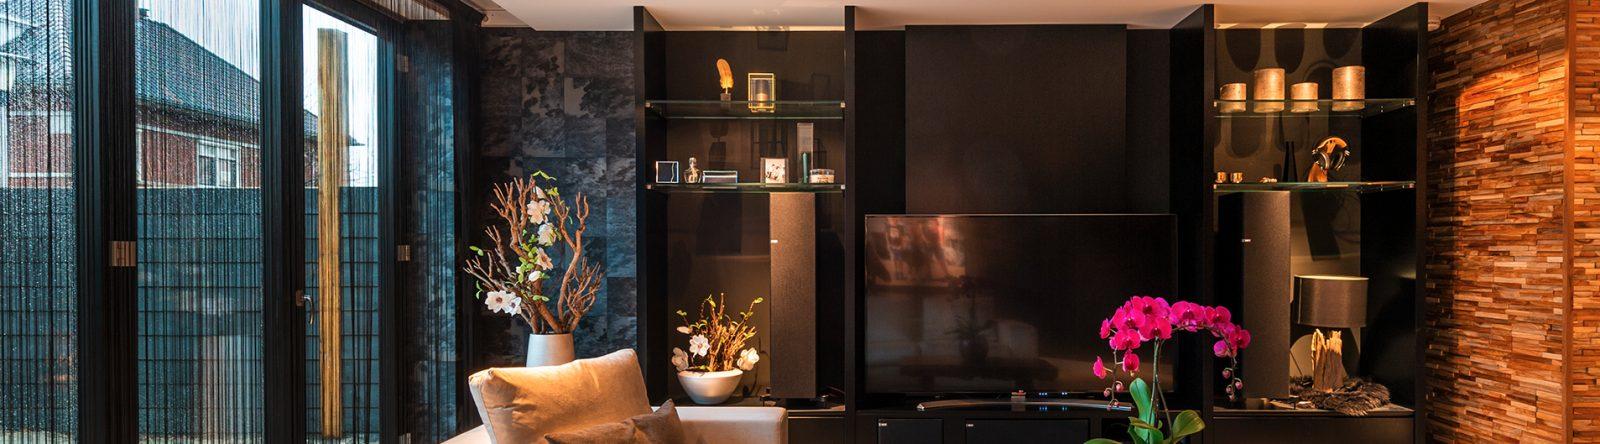 Tv meubel op maat laten maken door interieurbouwer Berkel en Rodenrijs